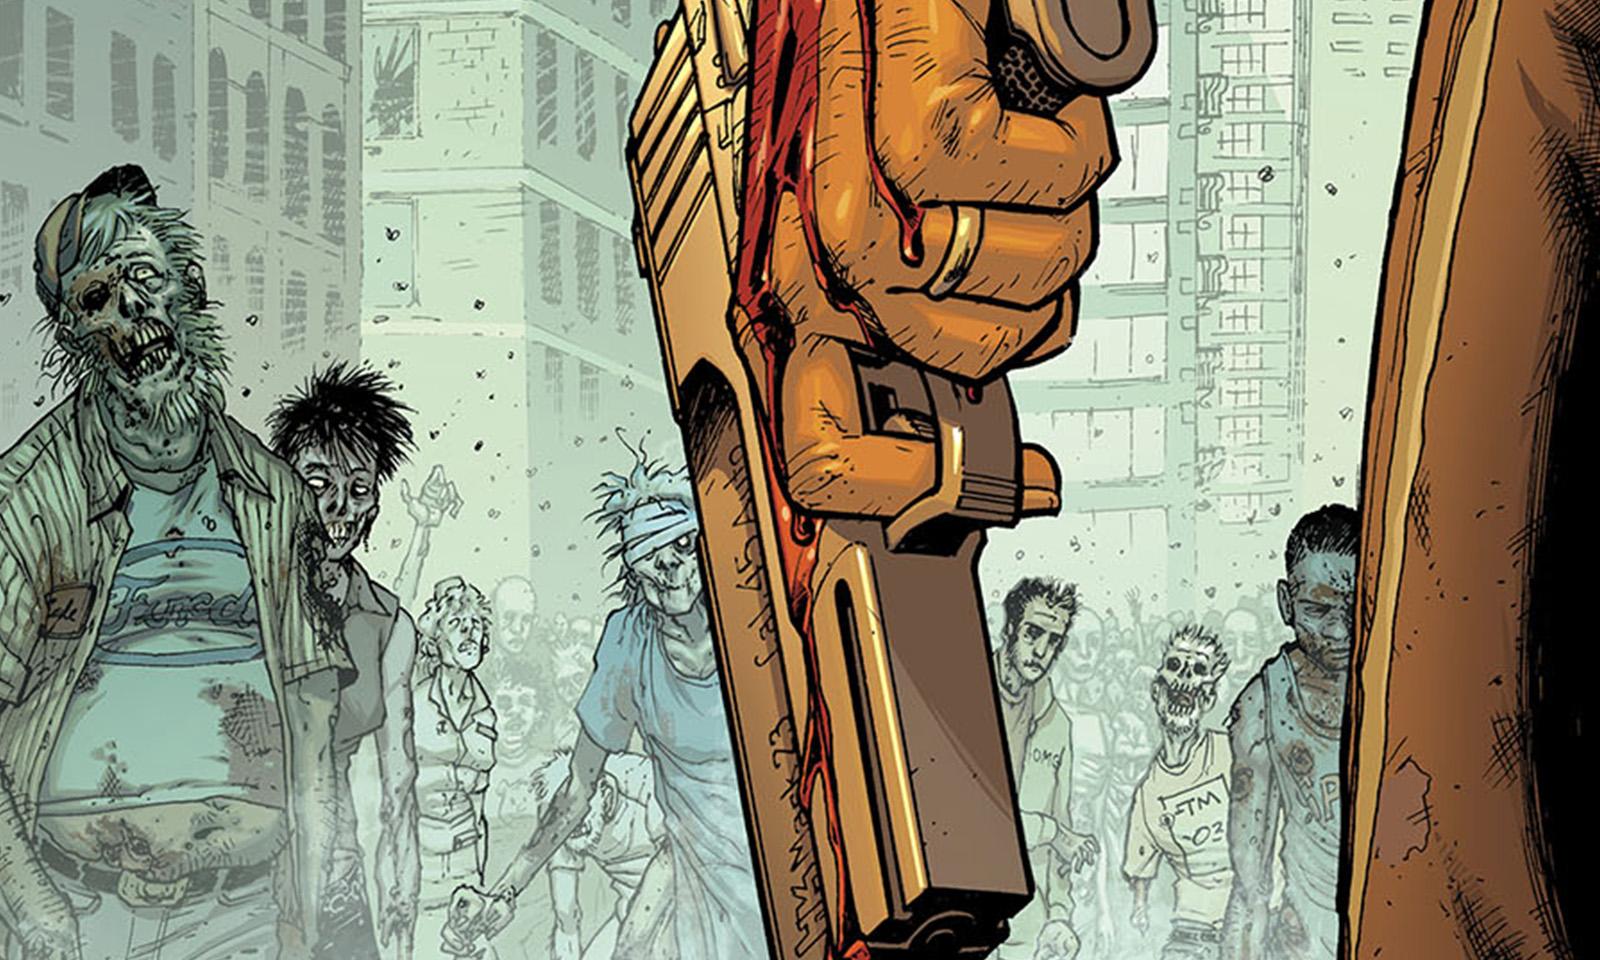 Uma mão ensanguentada segurando uma arma encara uma horda de zumbis na capa da versão colorida da edição 4 da HQ de The Walking Dead